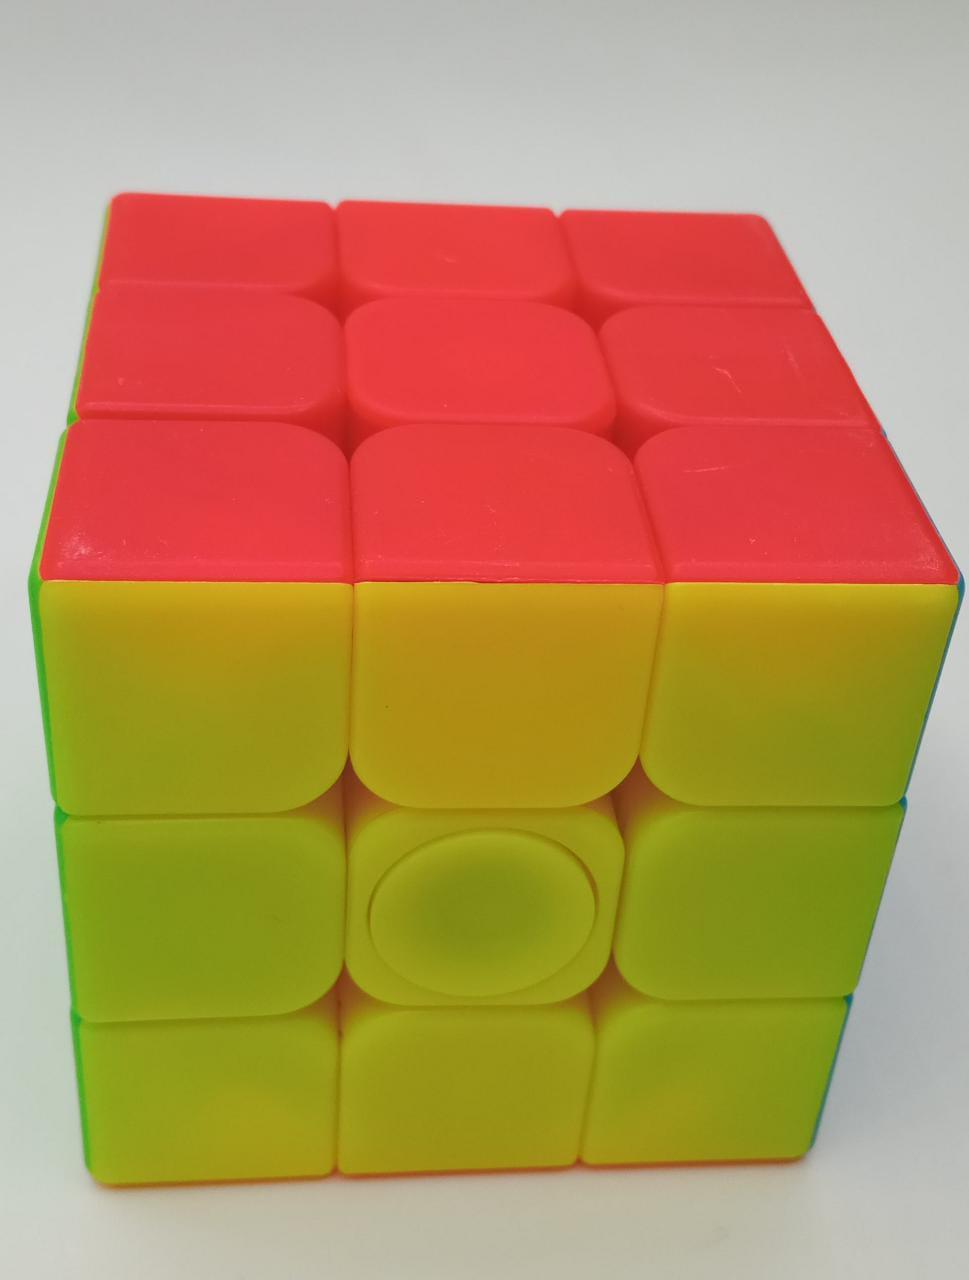 Cubo Magico: Giratório (JHT704) - Jiehui Toys